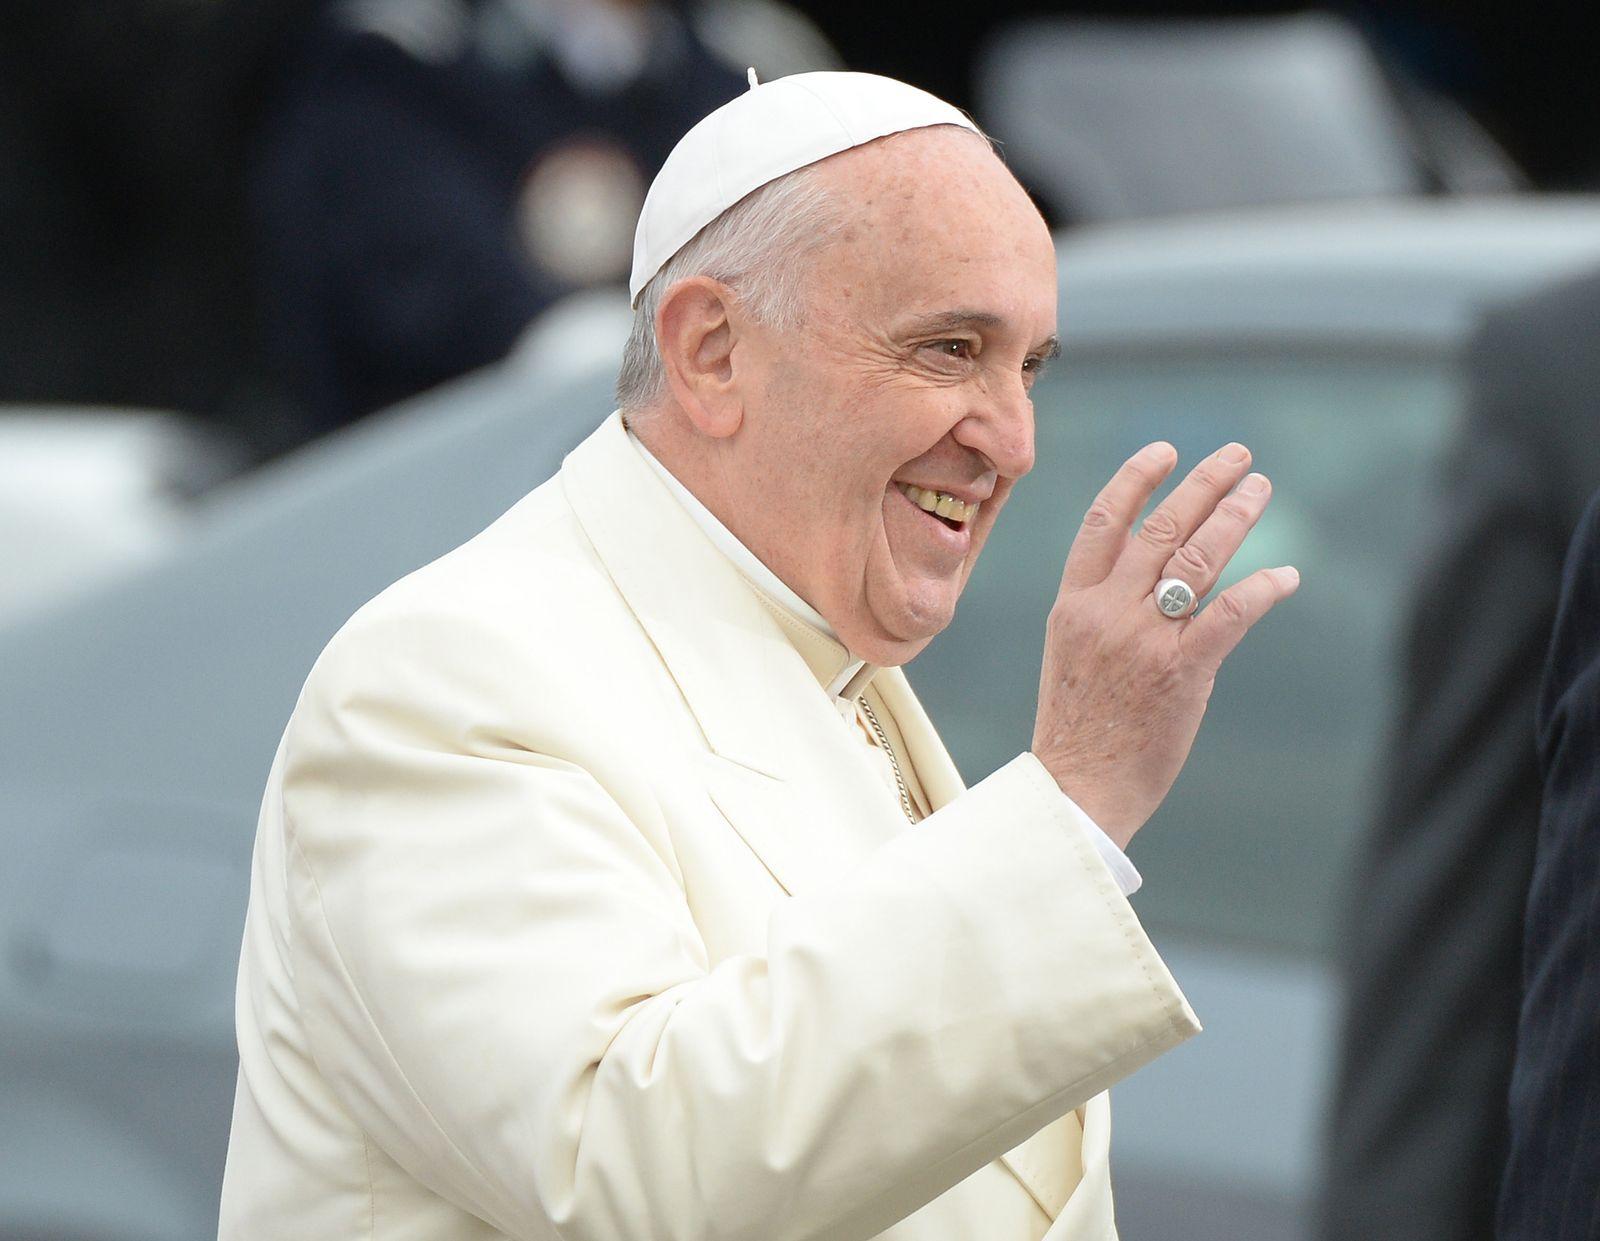 Papst Franziskus spricht vor Europaparlament